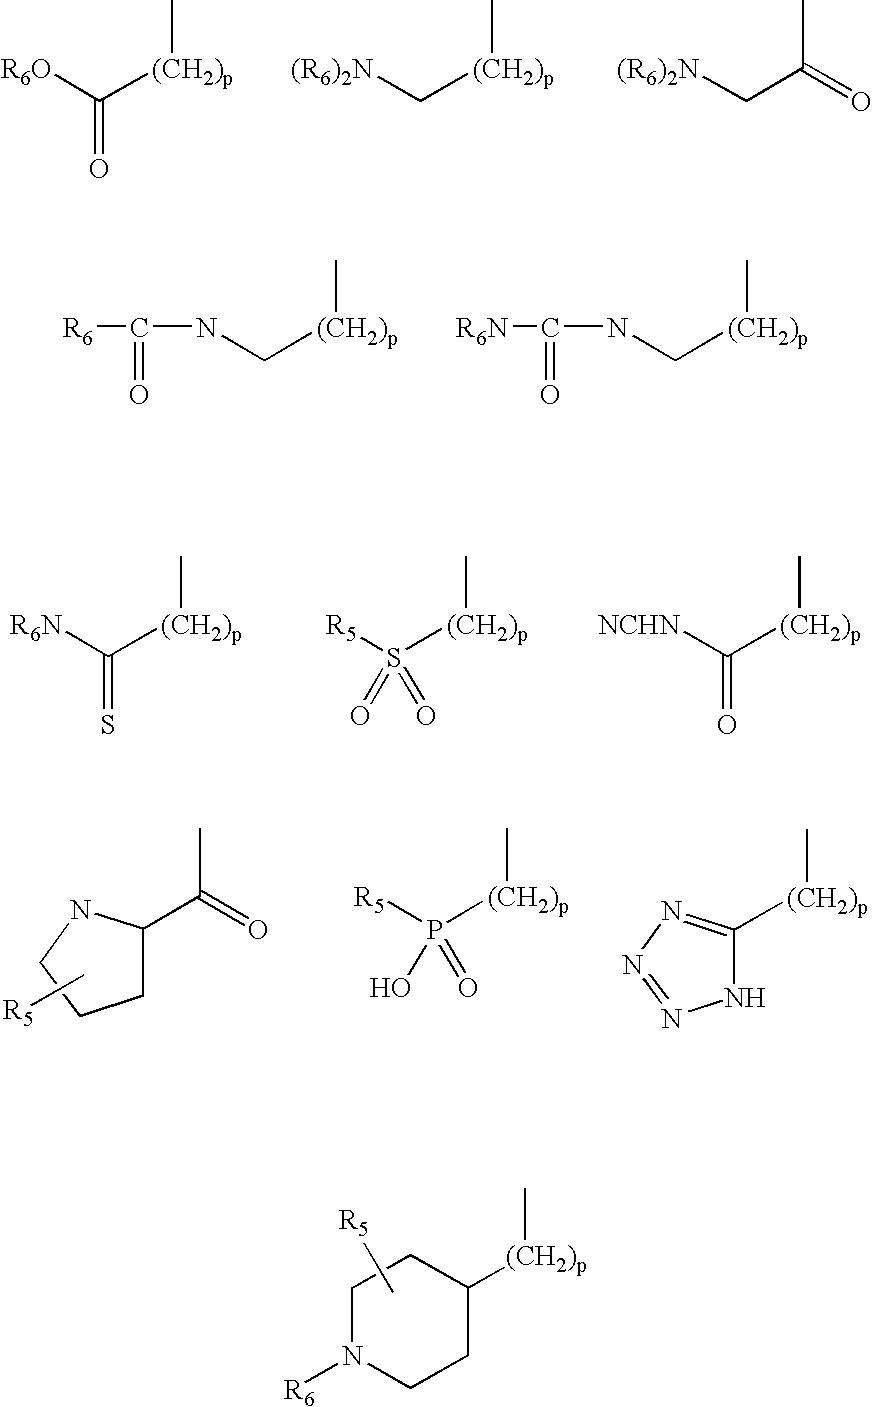 Figure US20050171138A1-20050804-C00004